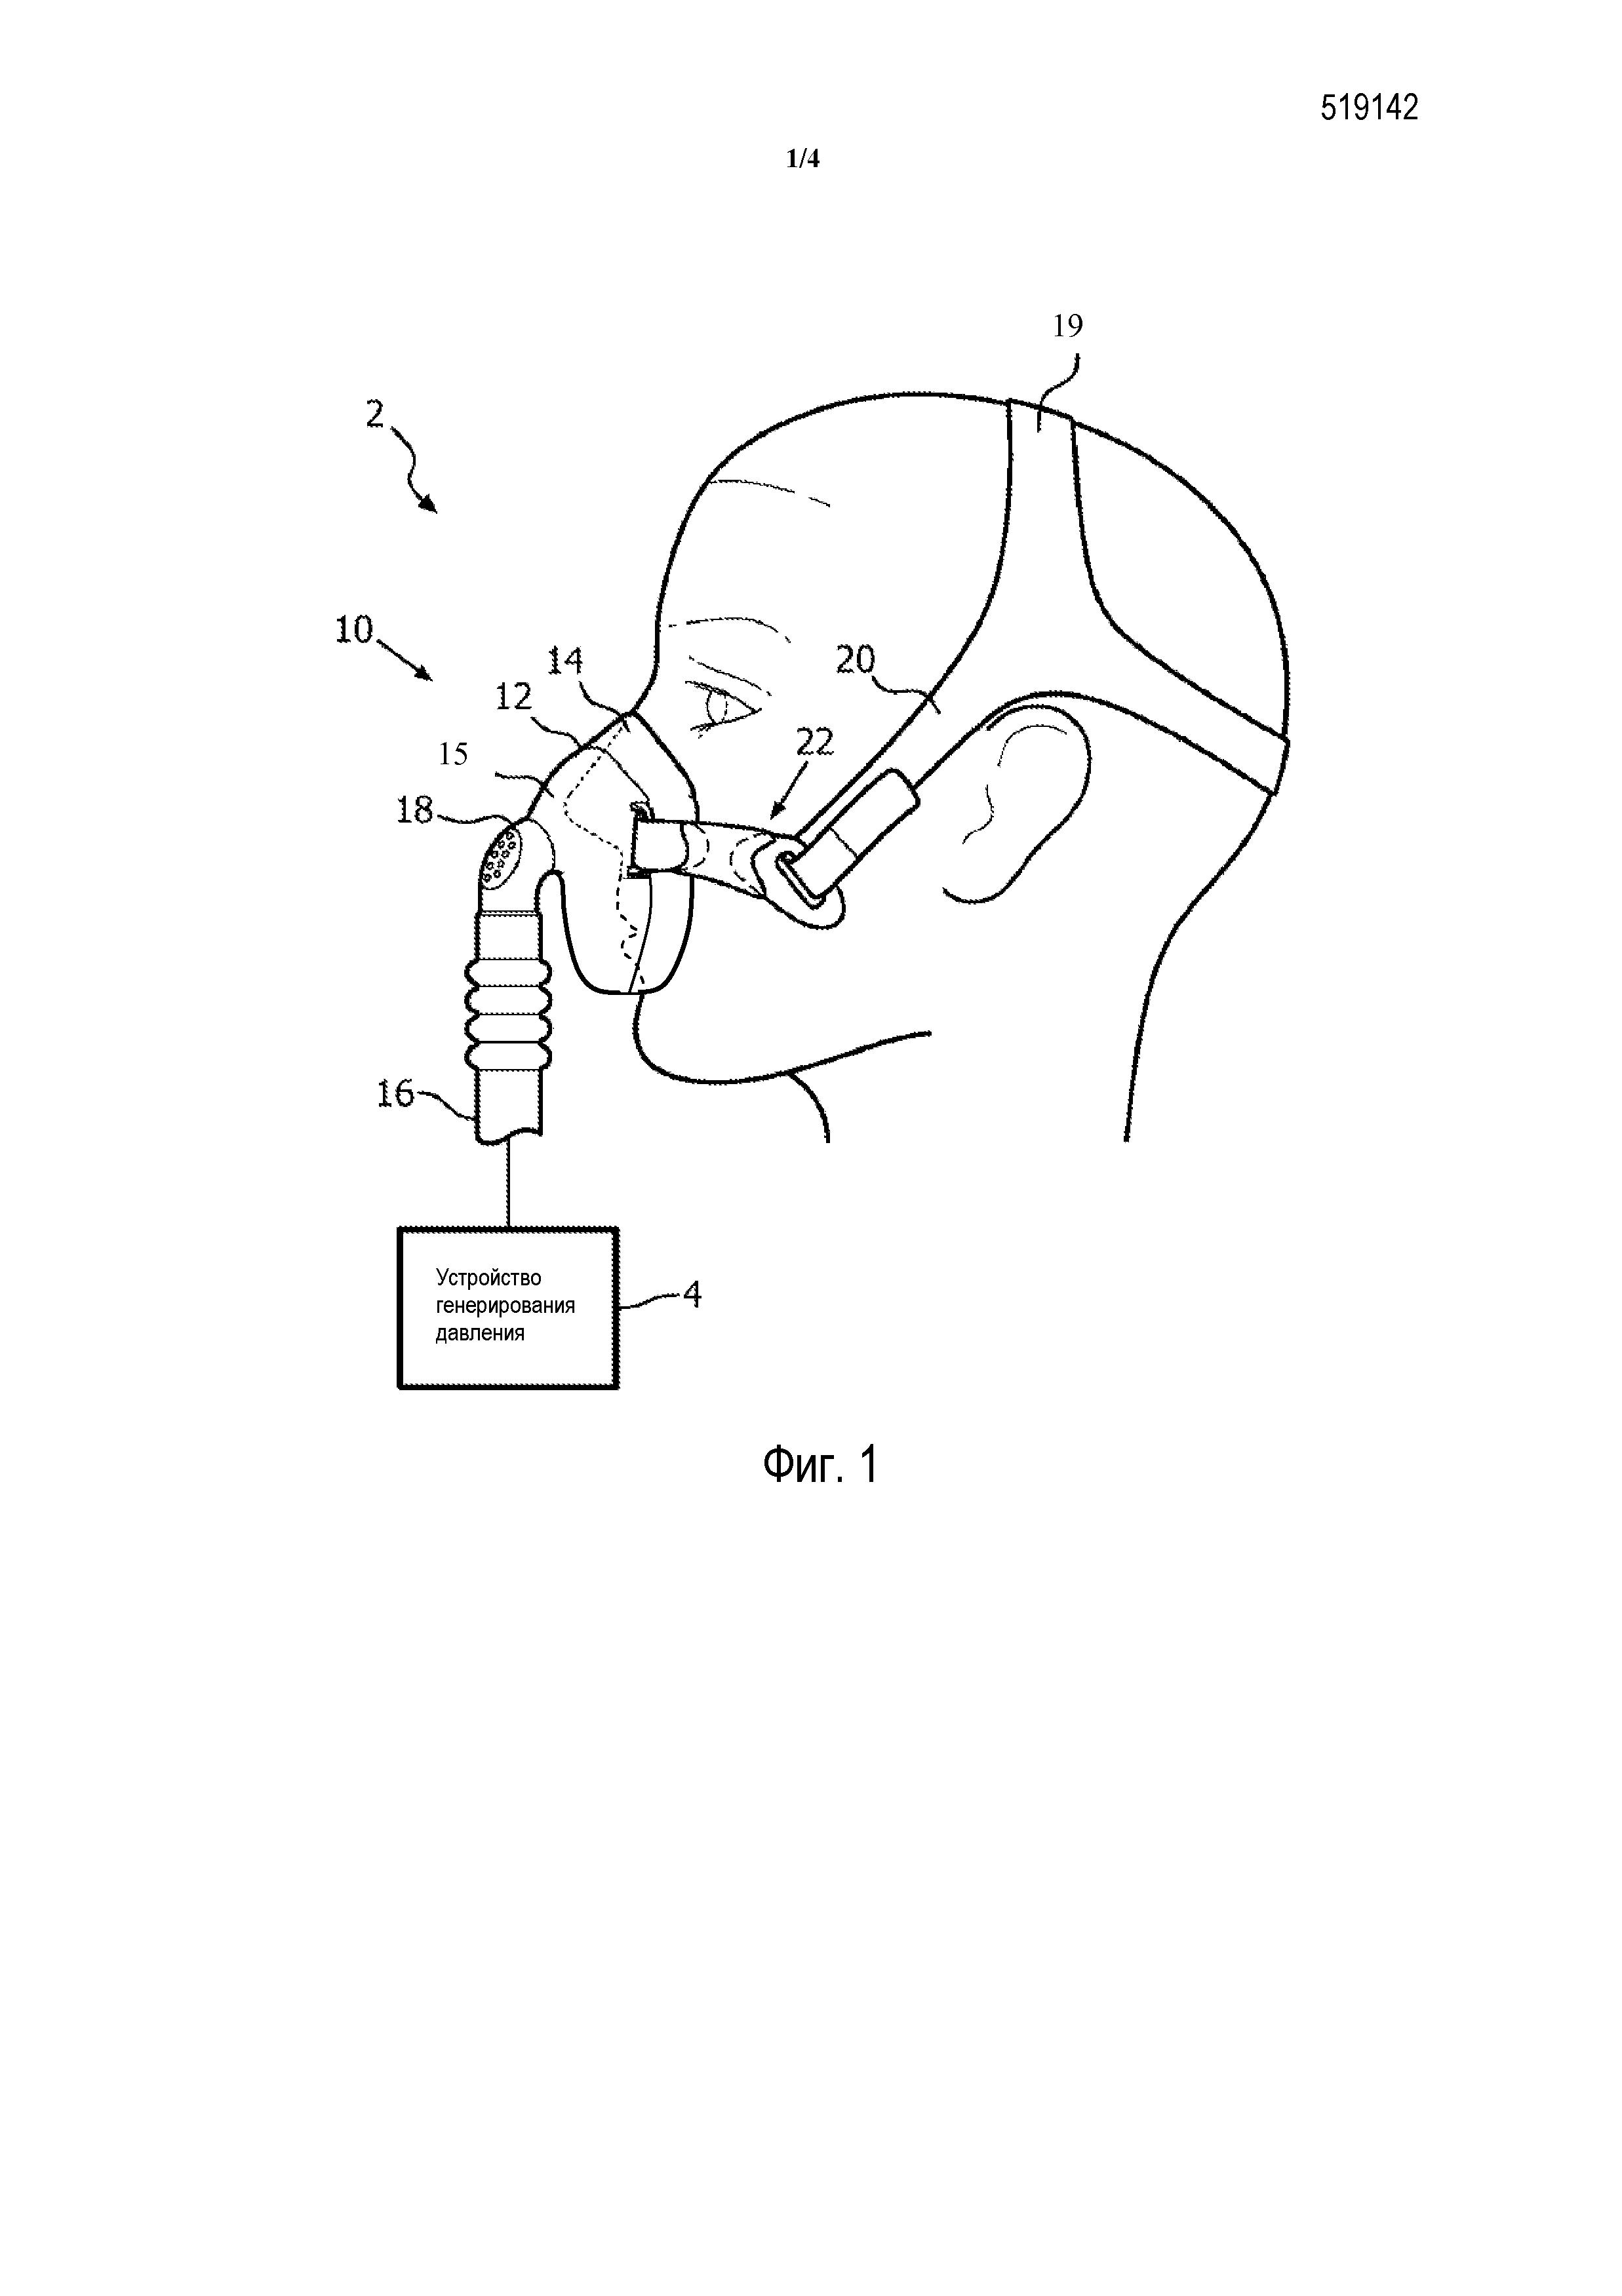 Устройства интерфейса пациента